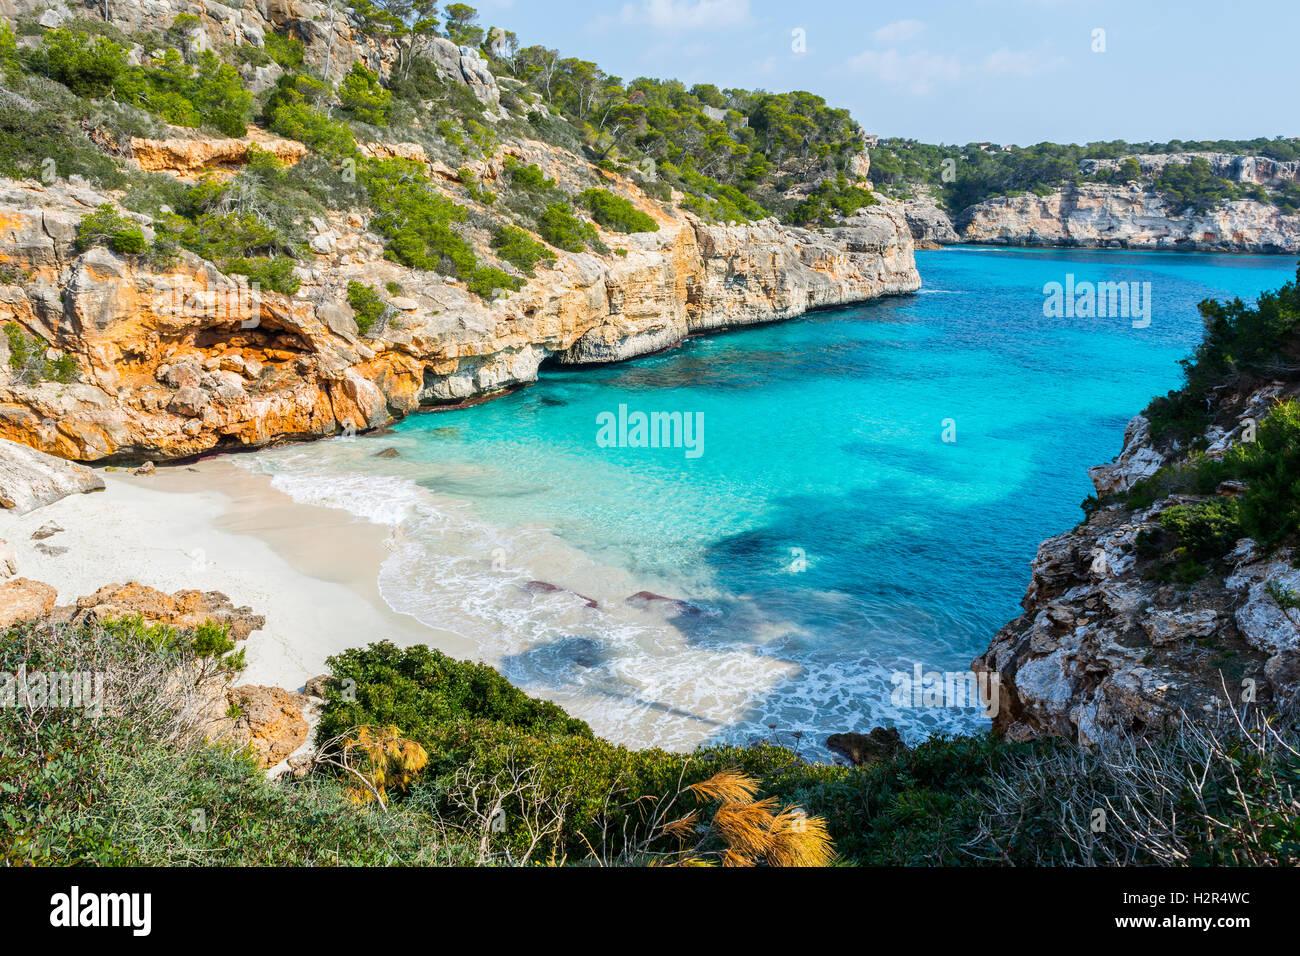 Calo des Moro, Majorca - Stock Image